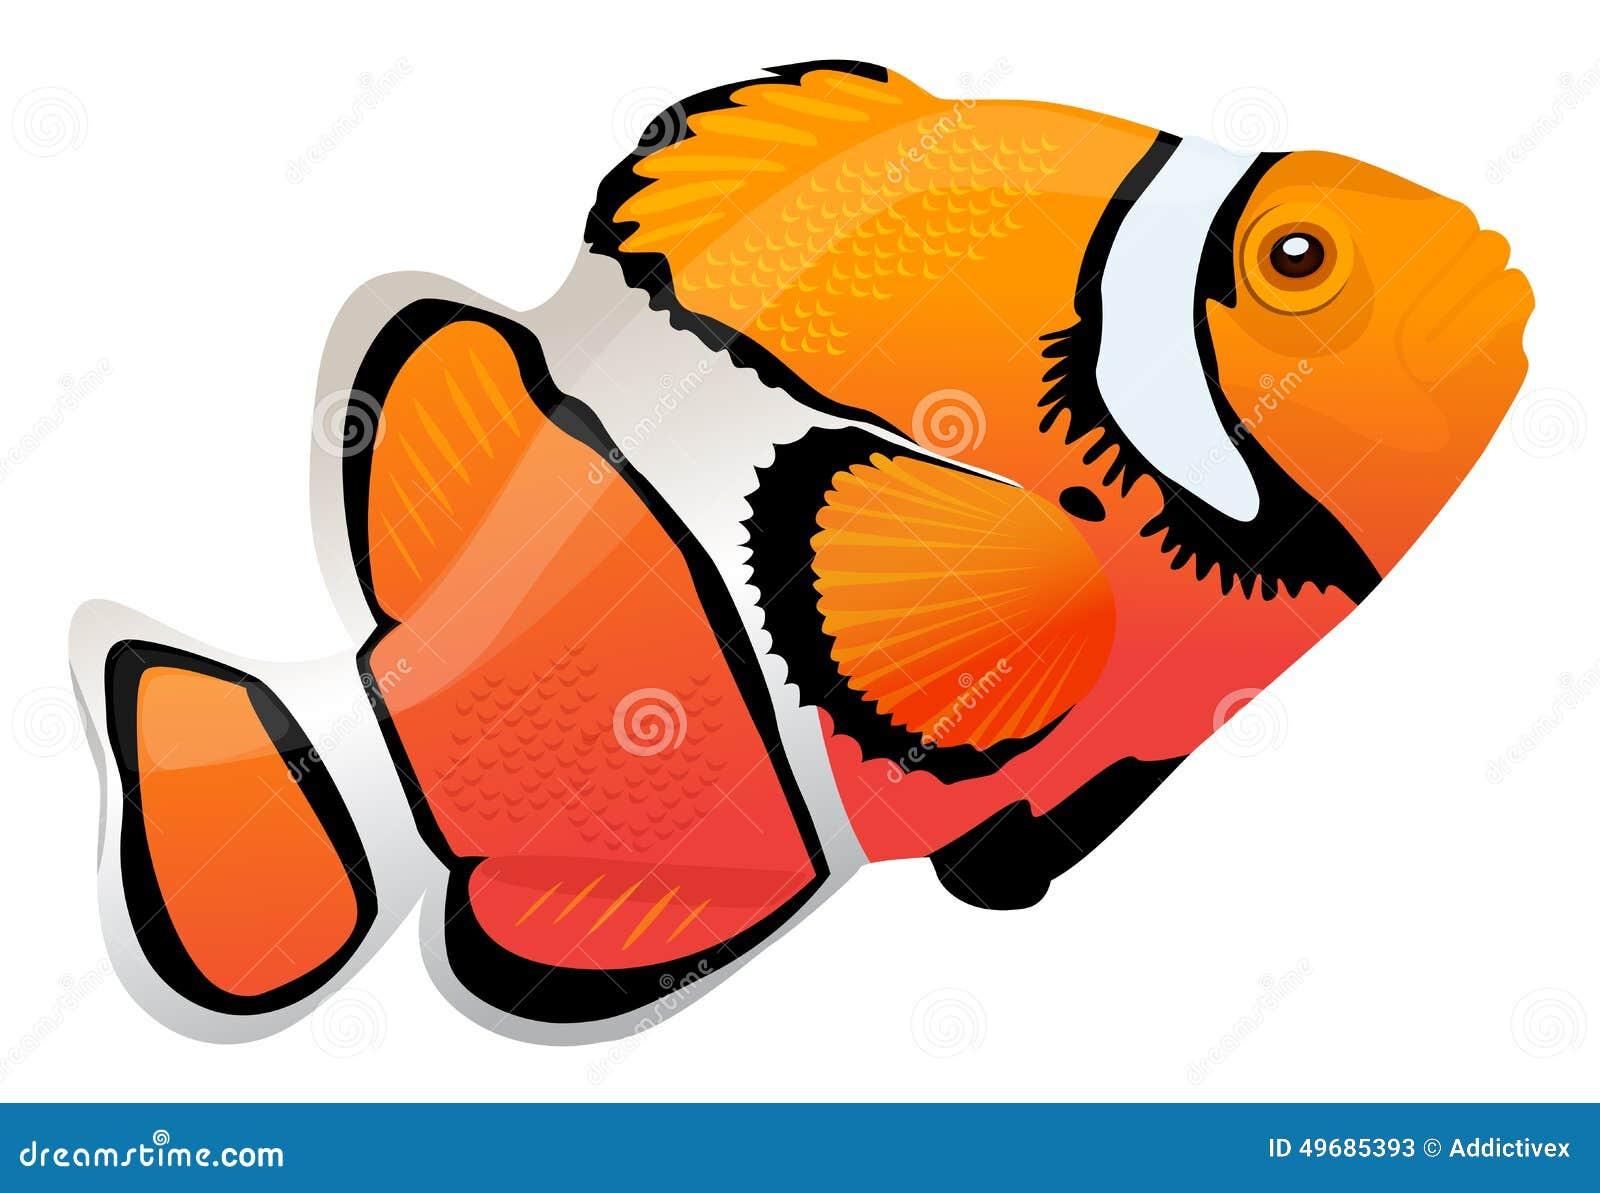 Pagliaccio Fish